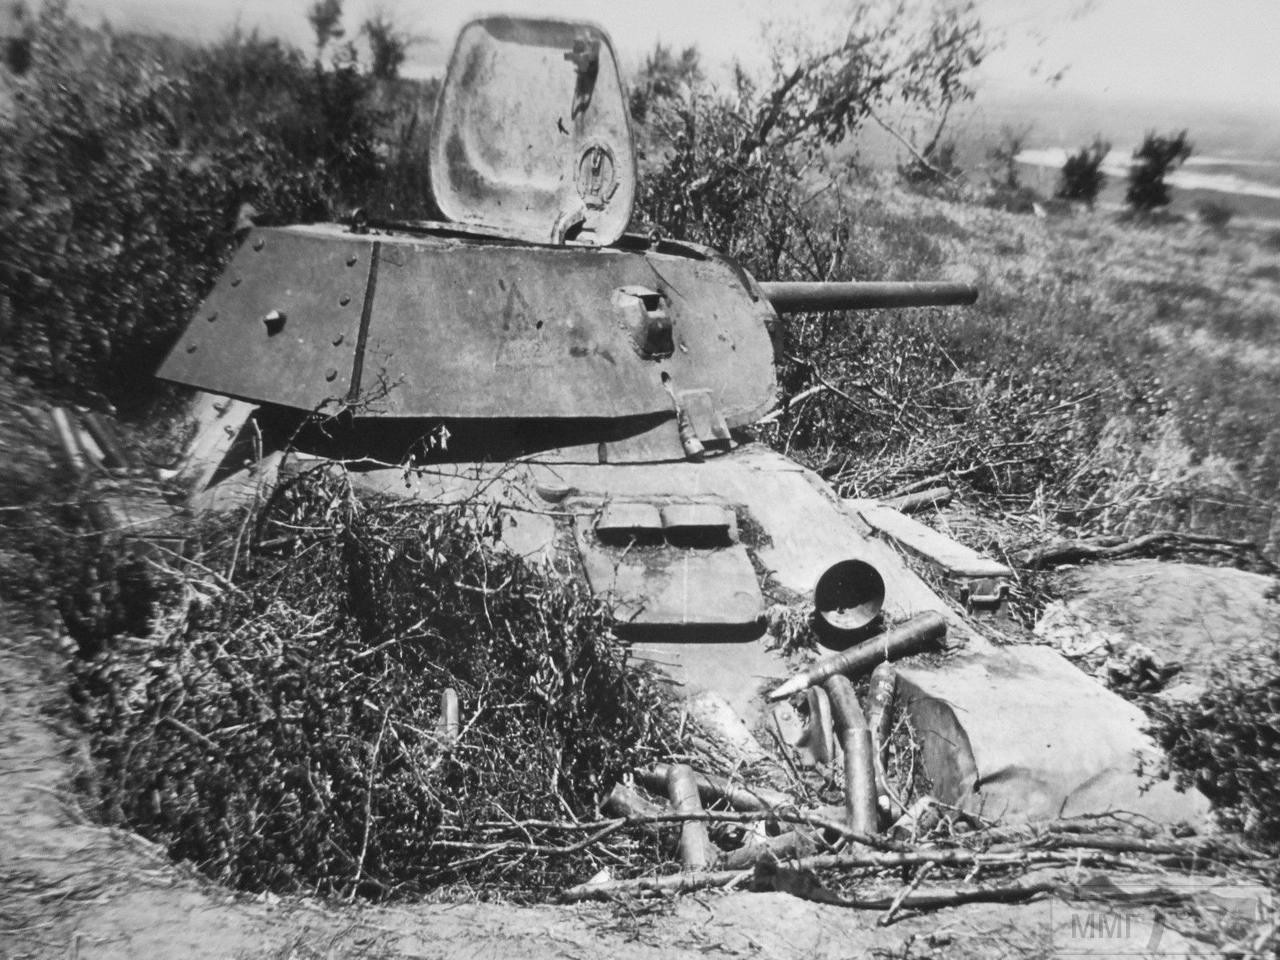 66306 - Военное фото 1941-1945 г.г. Восточный фронт.